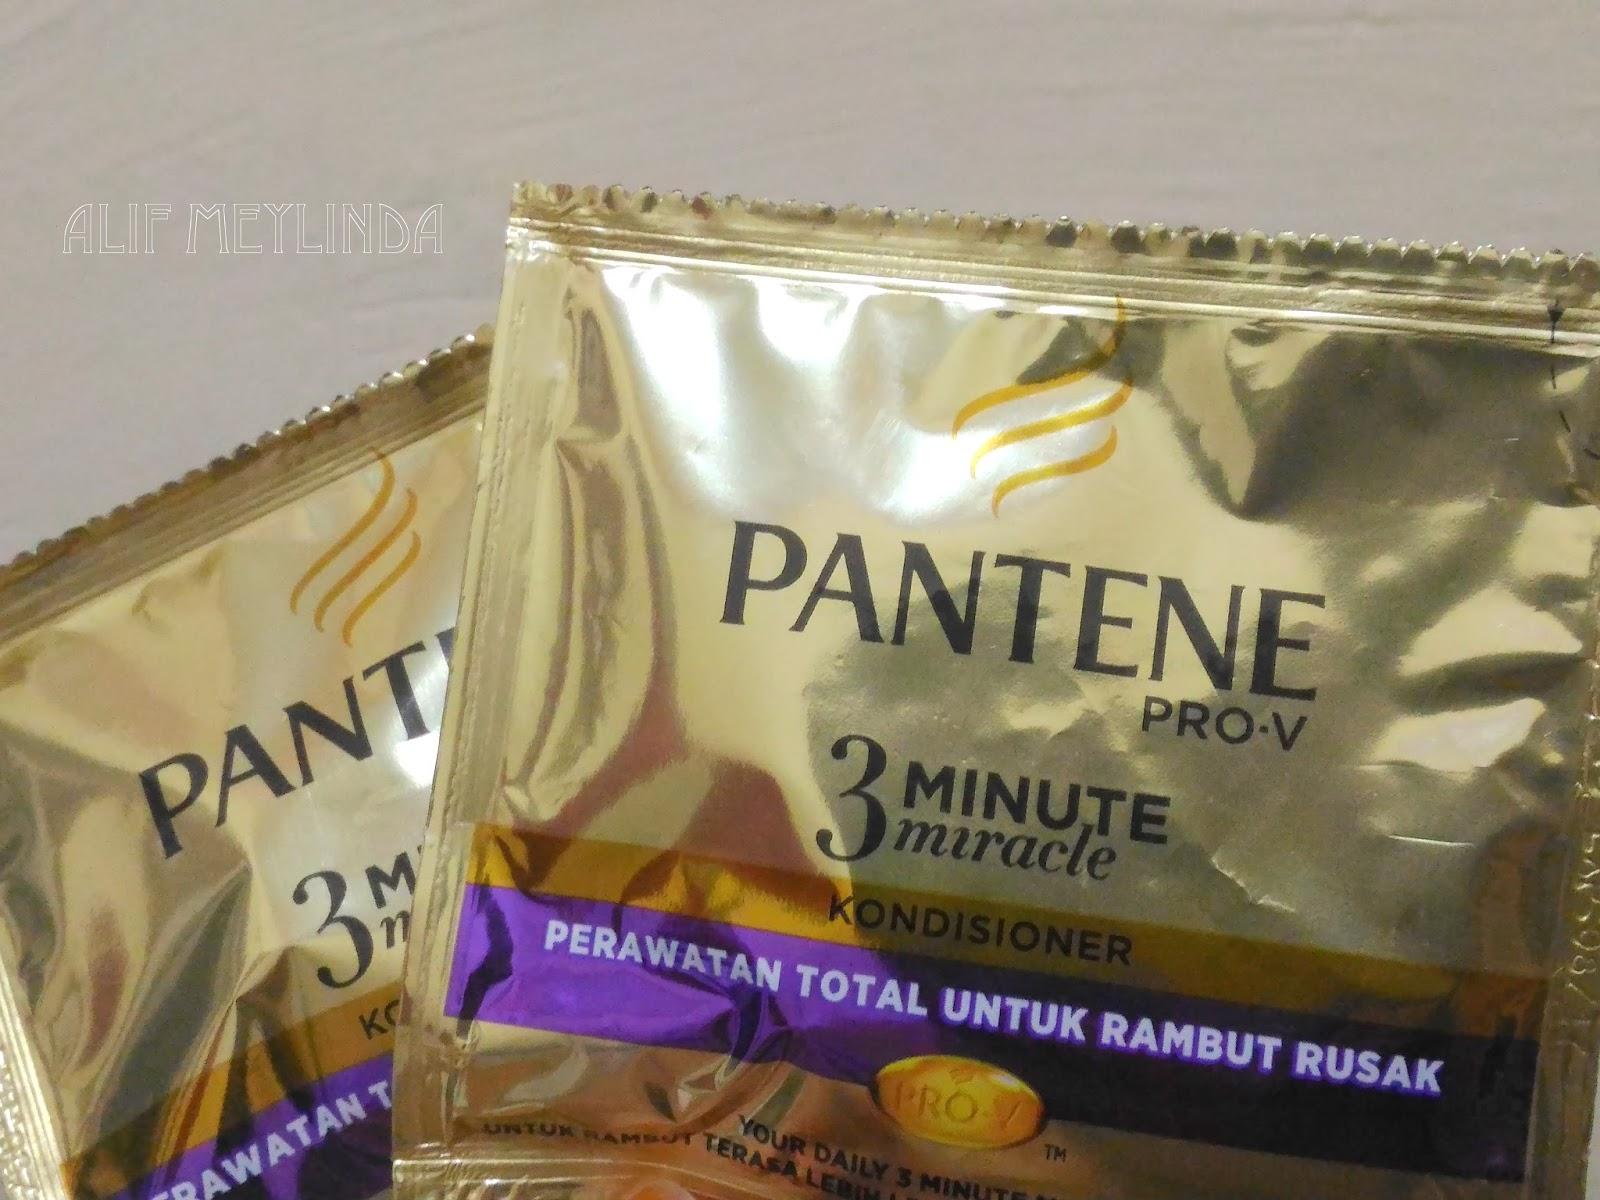 Review Singkat Conditioner Pantene 3 Minute Miracle Untuk Rambut Rusak Alif Meylinda